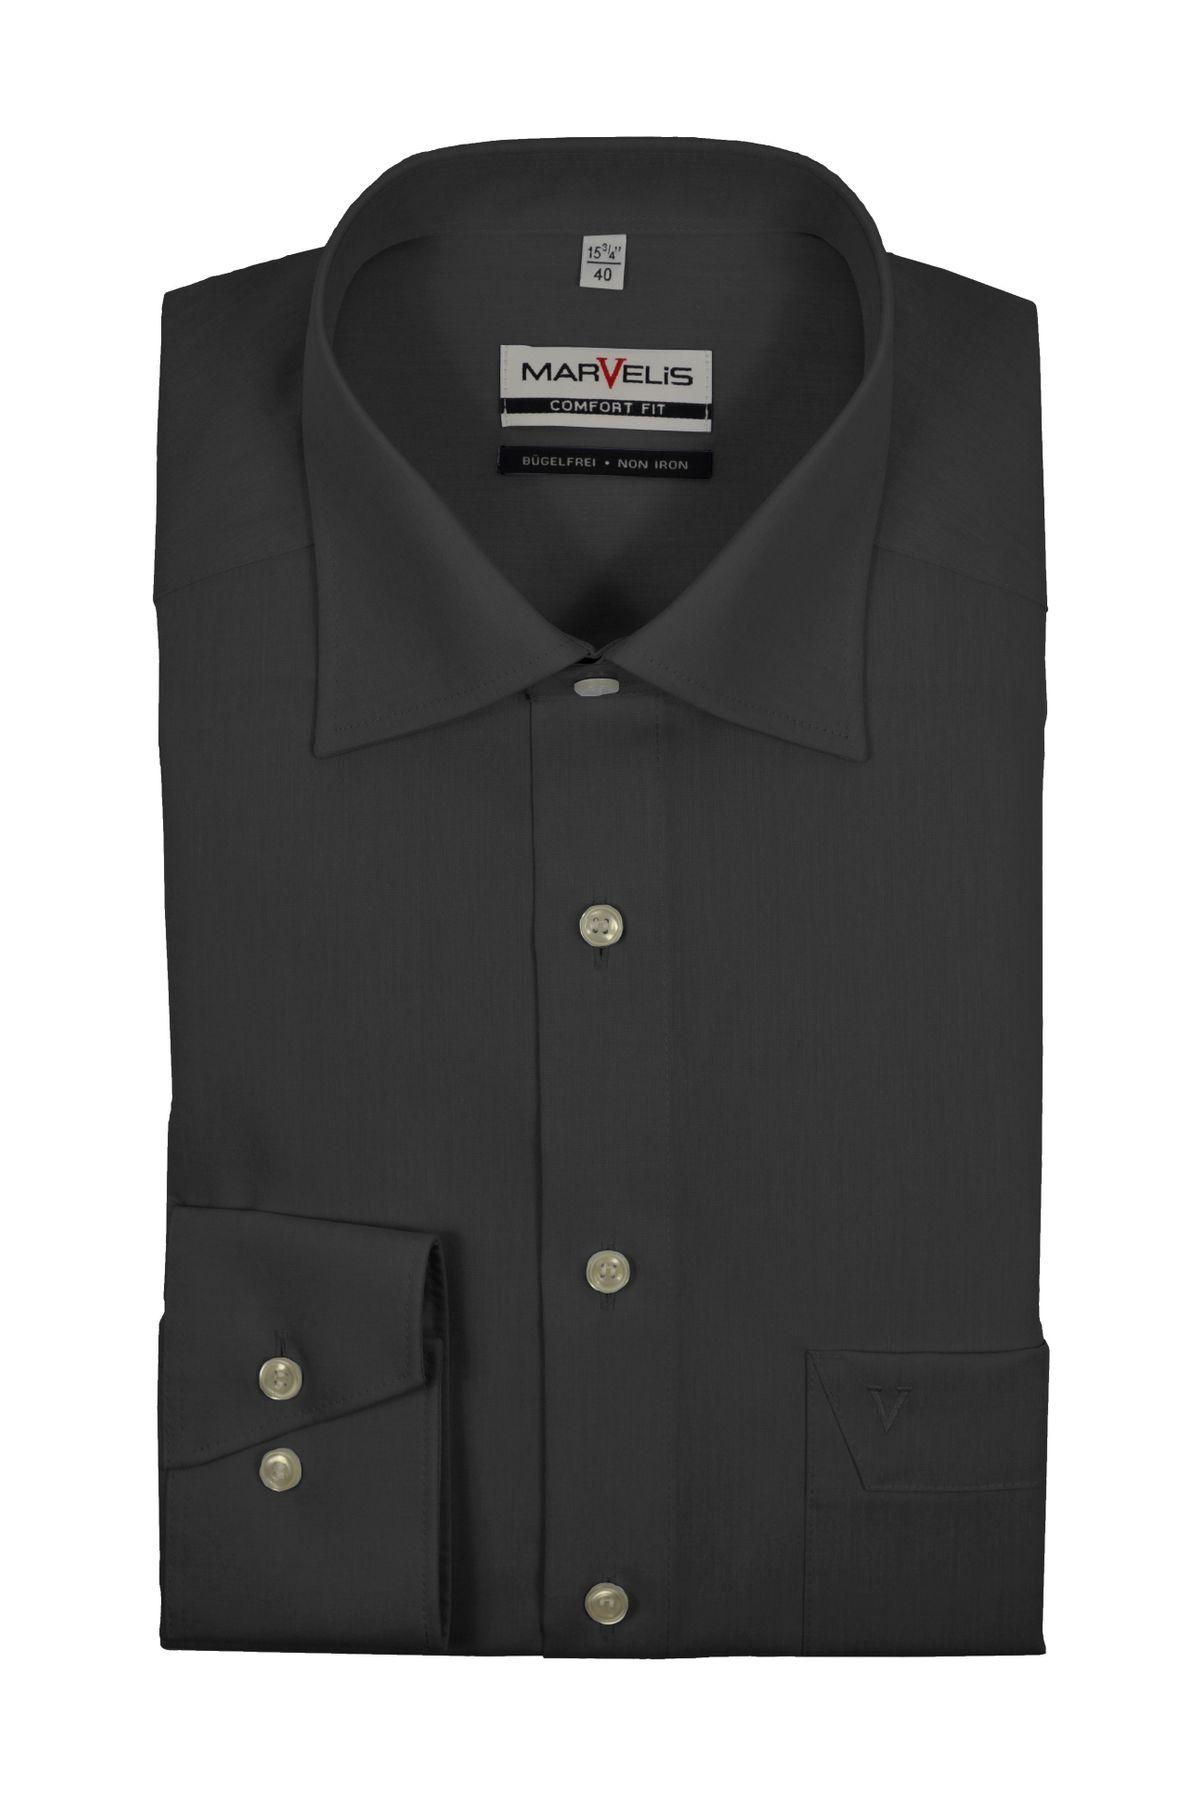 Marvelis - Comfort Fit - Bügelfreies Herren Langarm Hemd in verschiedenen Farben (7959/64) – Bild 5